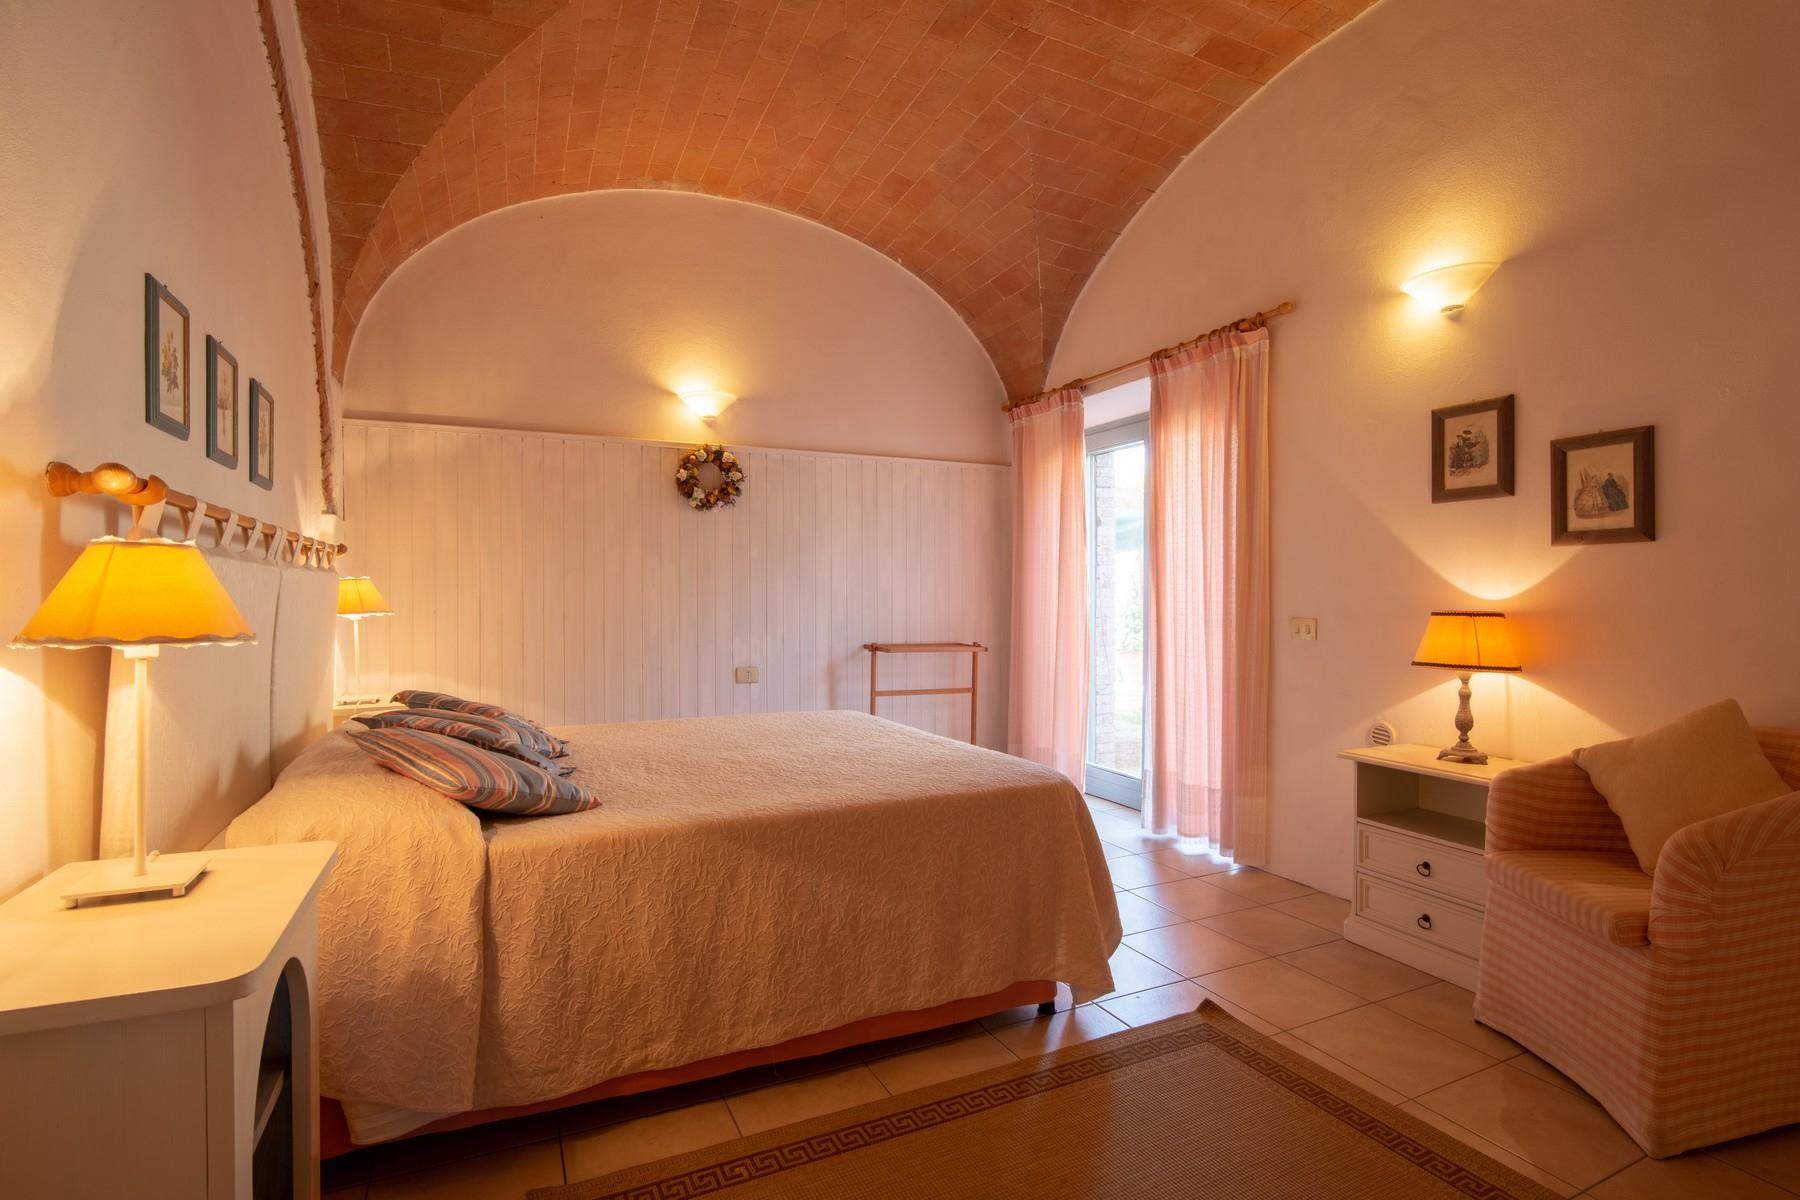 Rustico in Vendita a San Gimignano: 5 locali, 615 mq - Foto 14